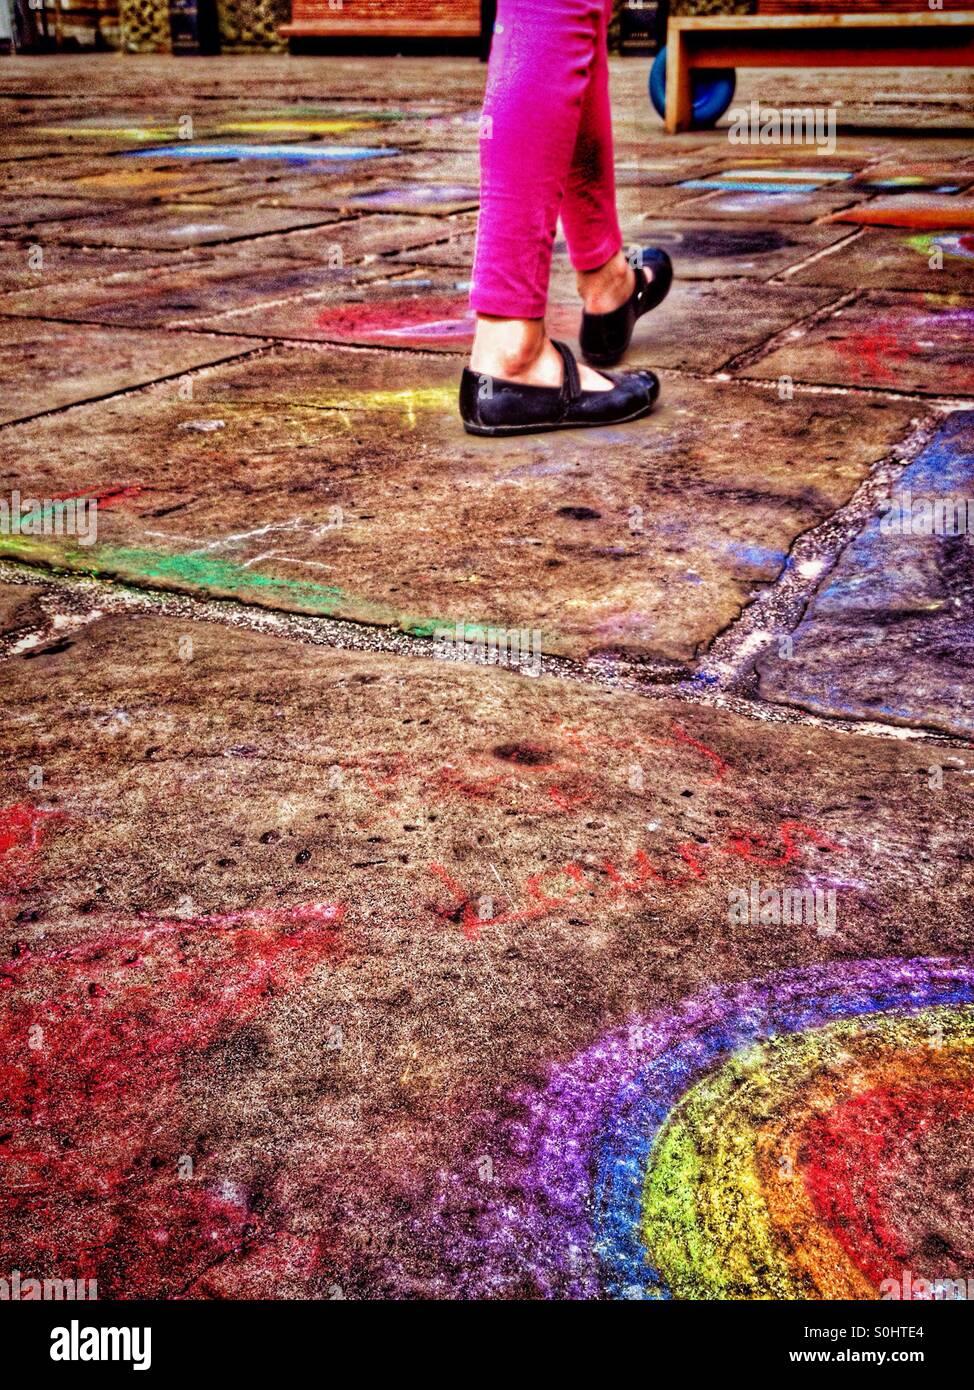 Junge Mädchen zu Fuß auf Pflaster bedeckt mit Kreidezeichnungen des Kindes Stockbild